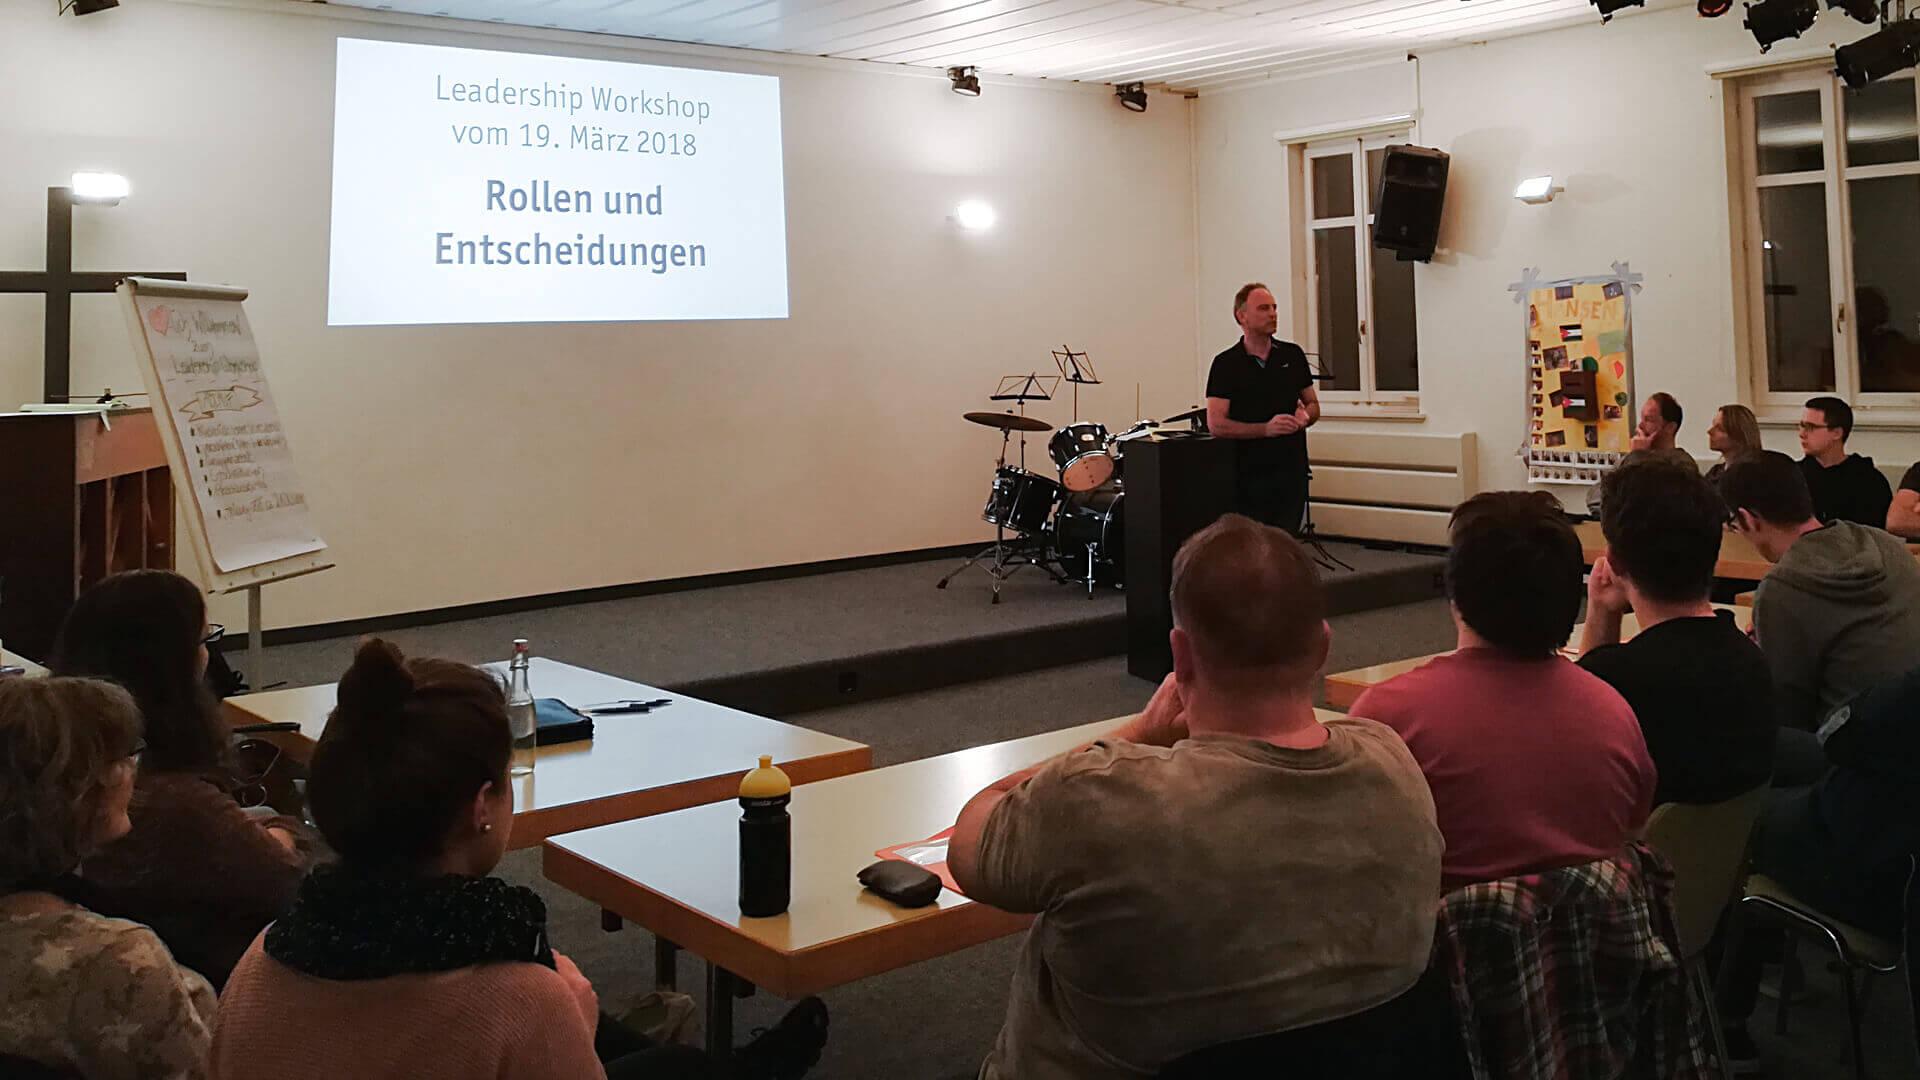 Leadership Workshop - Rollen und Entscheidungen